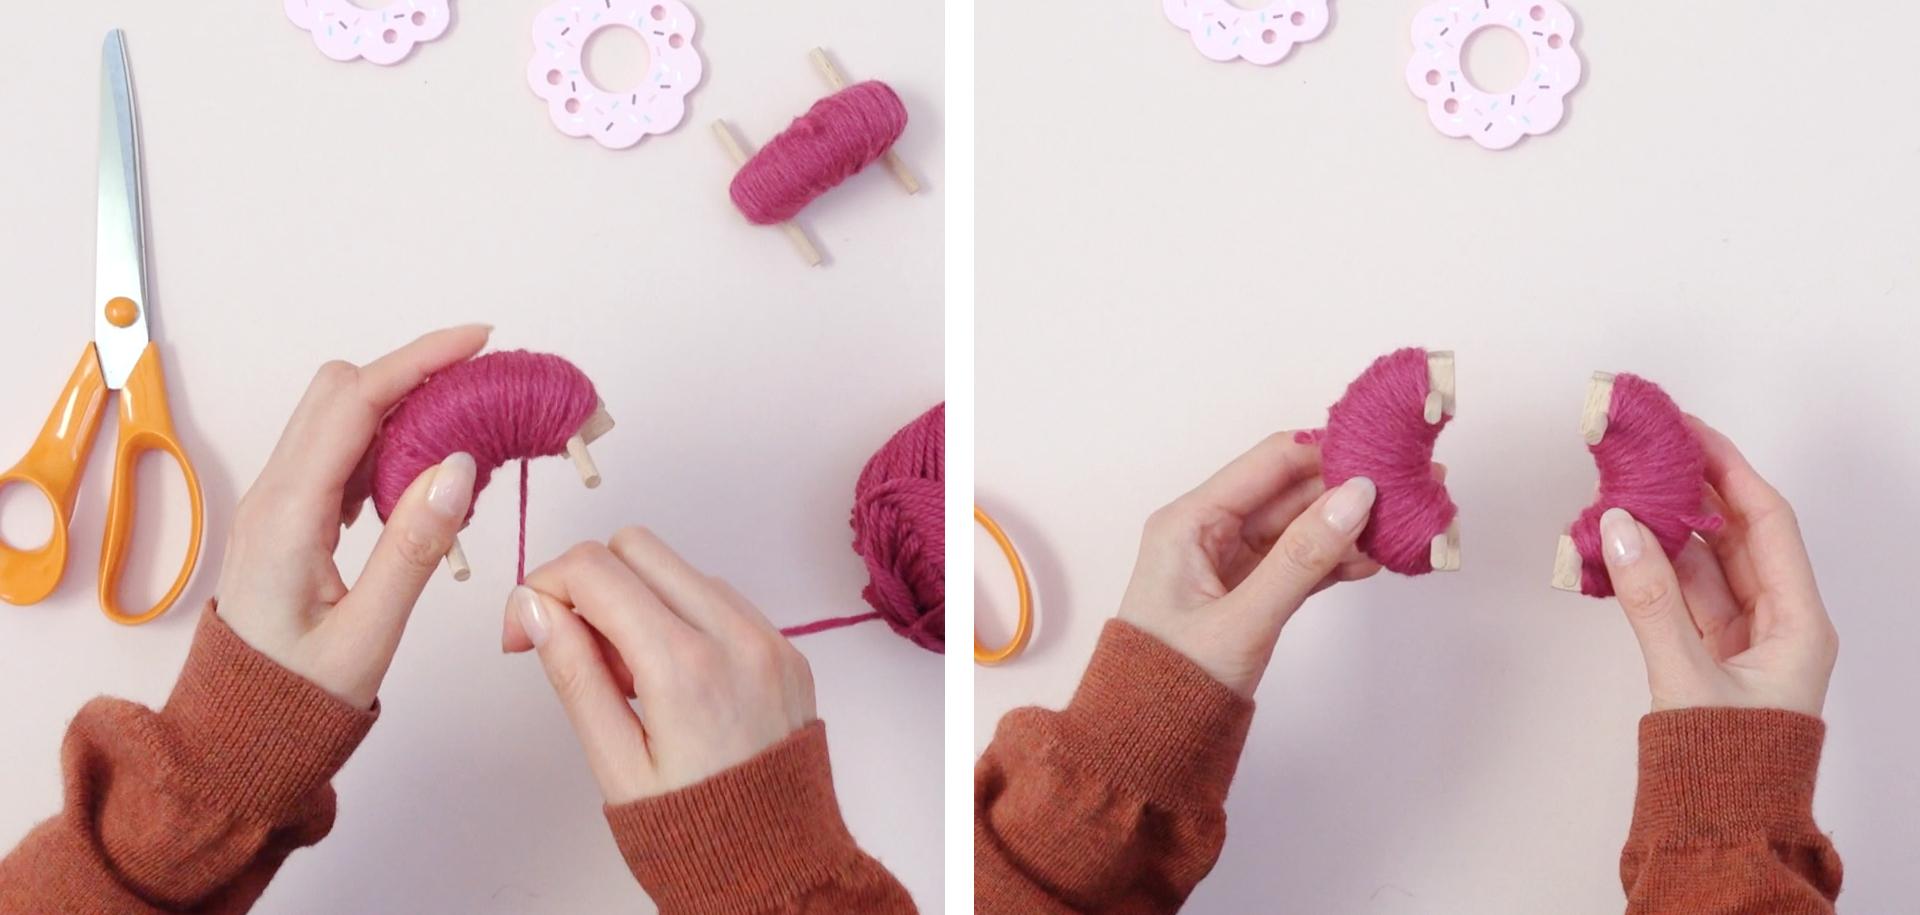 pom-maker-how-to-make-a-pom-pom-wrap